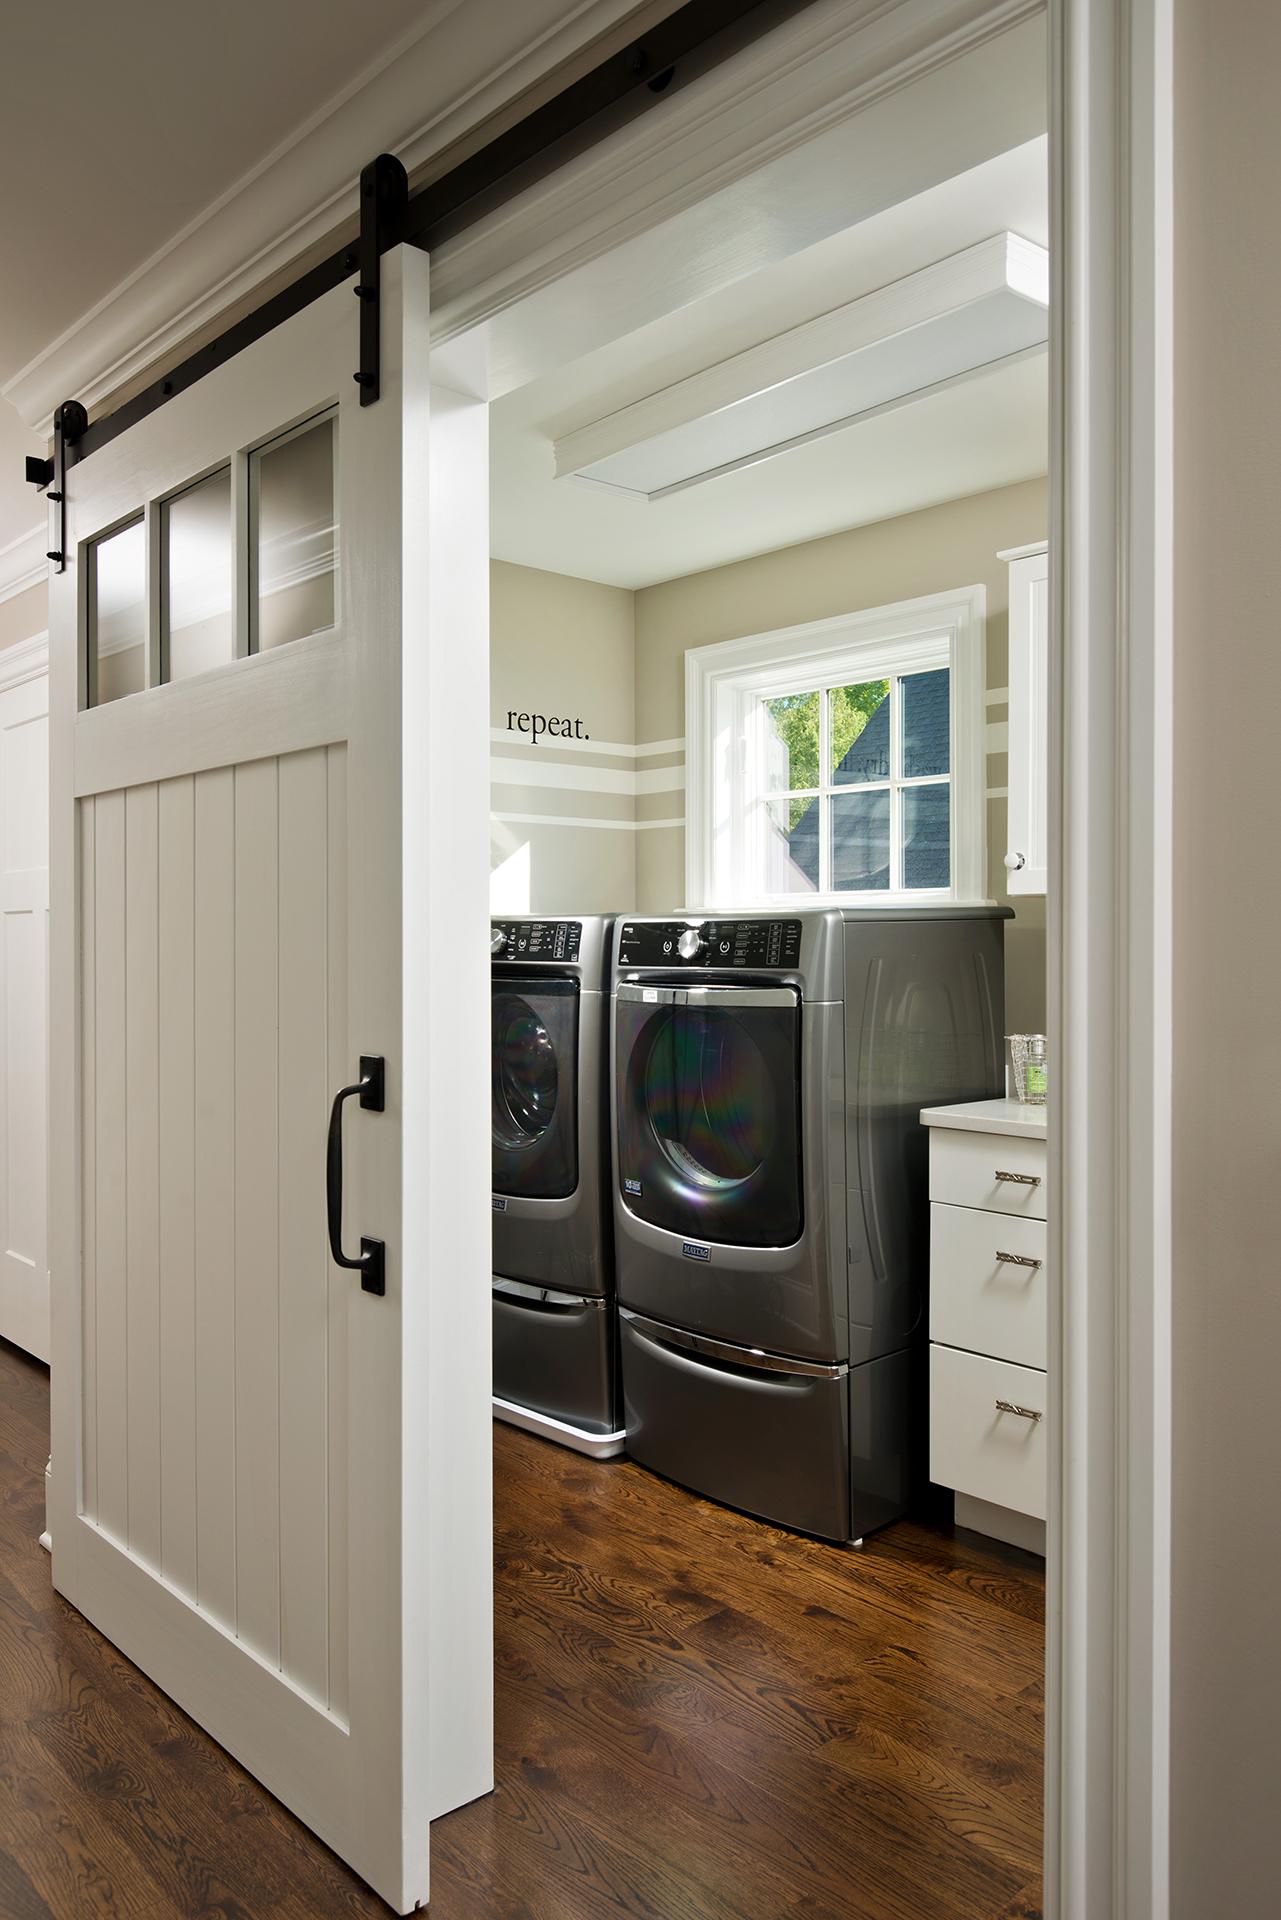 Witt_laundry